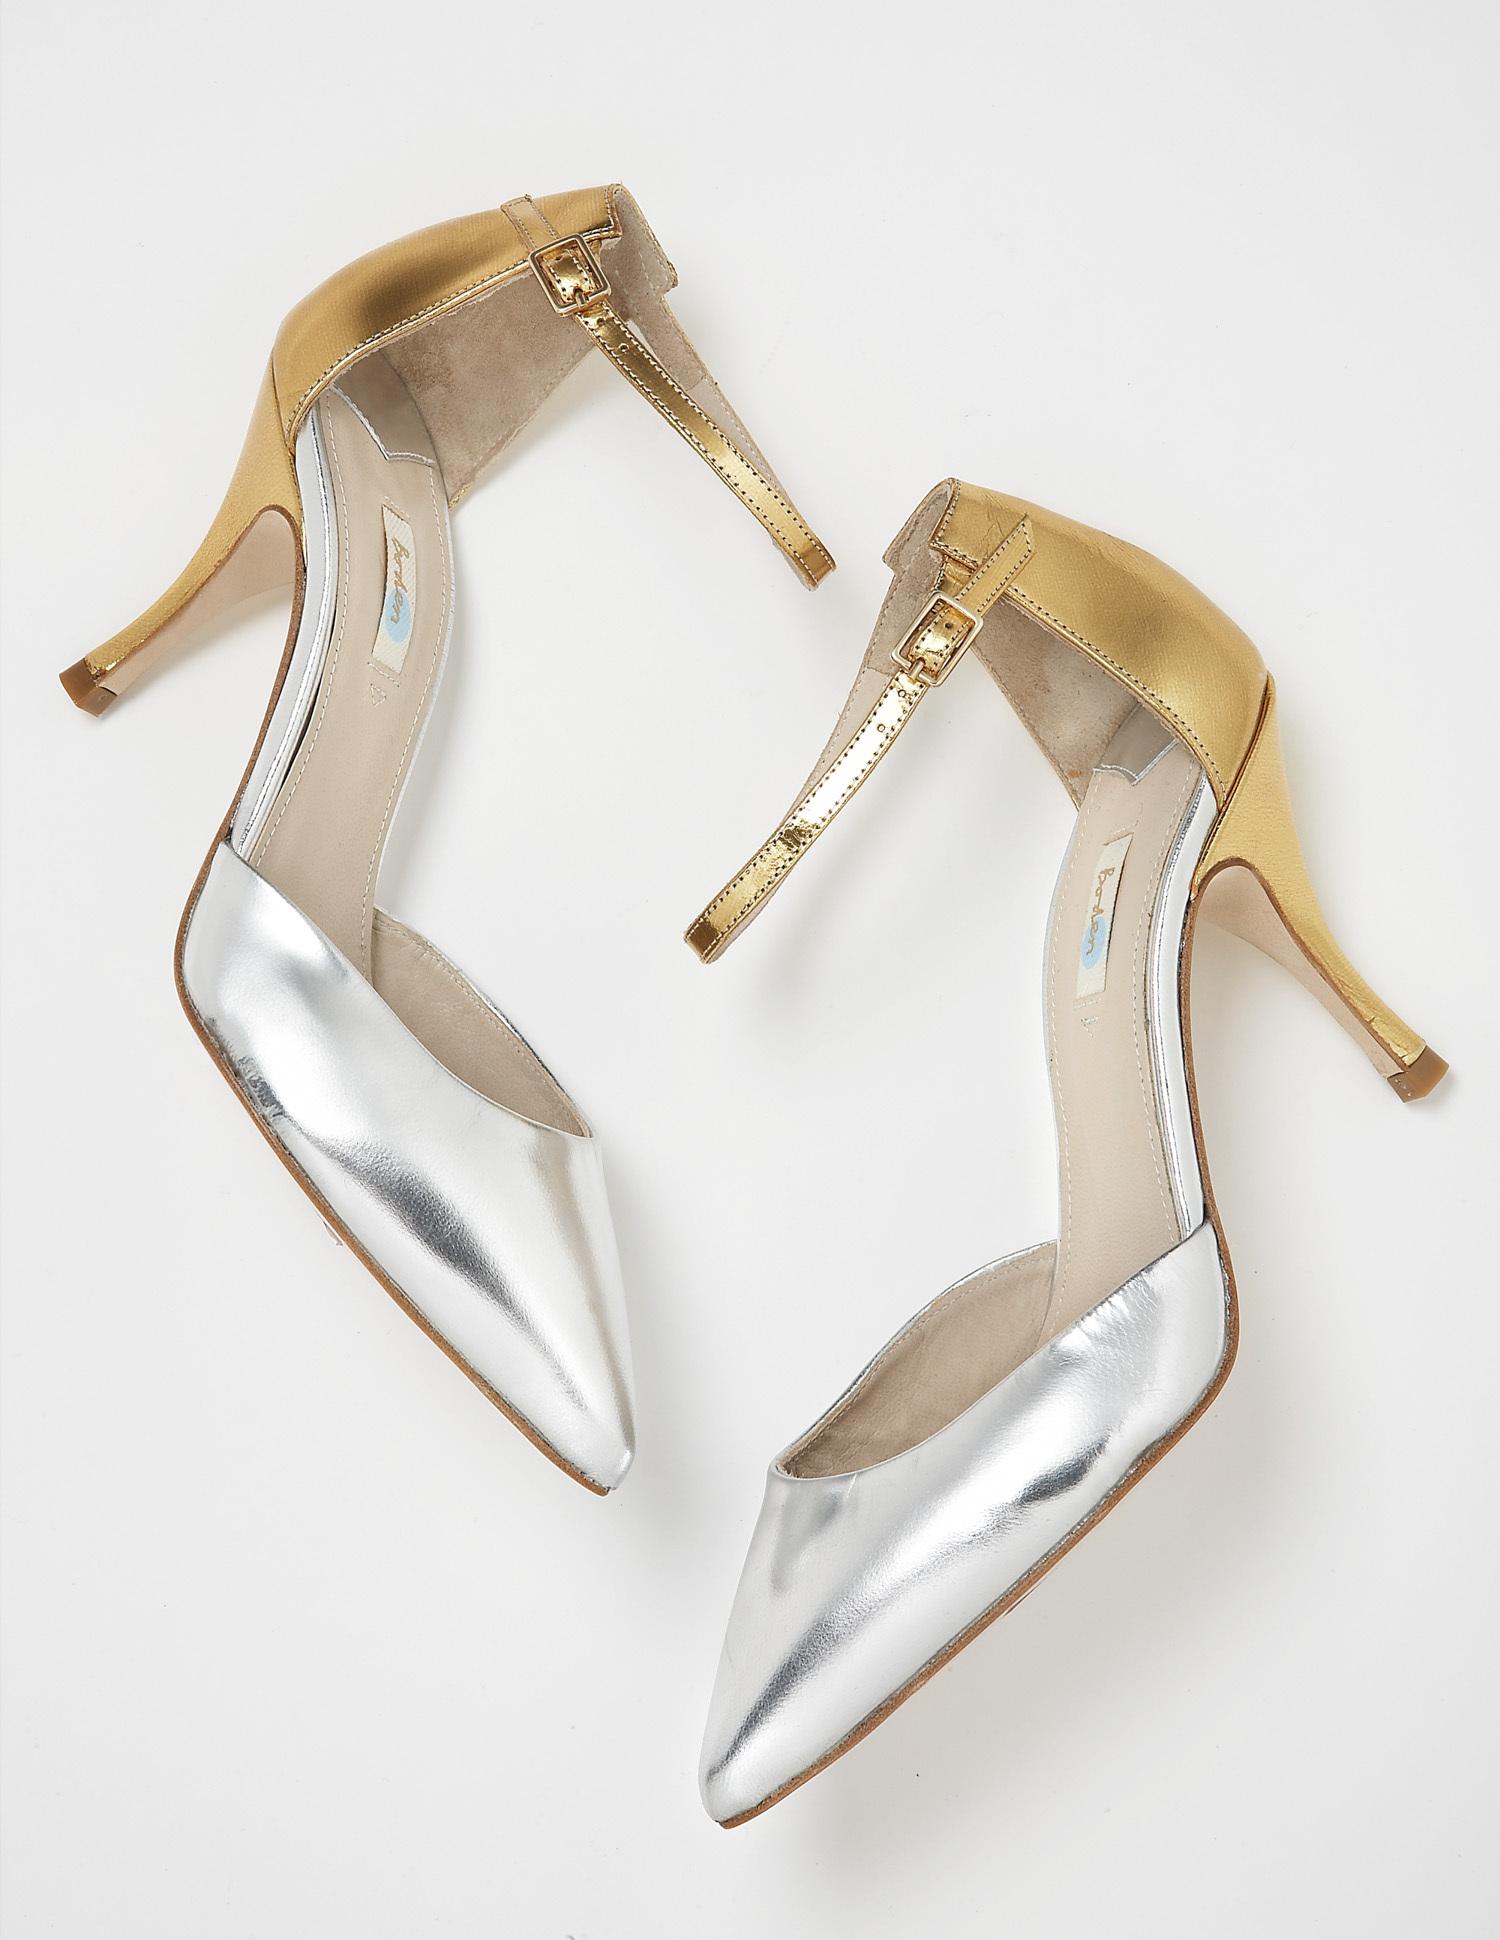 والاحذية Boden 2014 367982.jpg